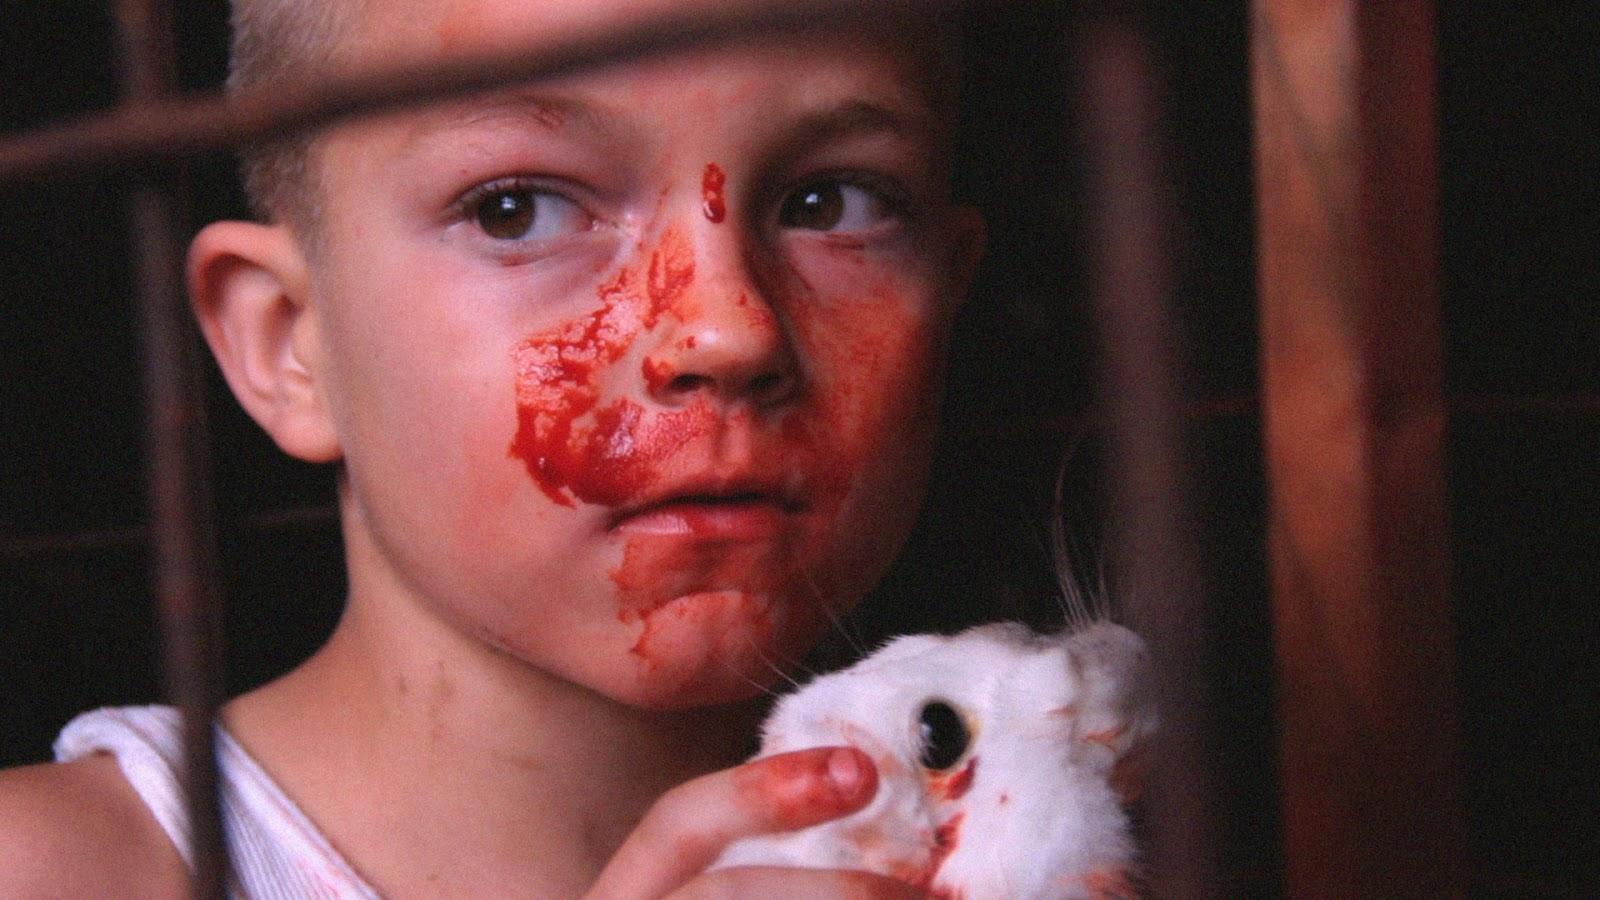 13 - Kaden Miller as the Young Killer